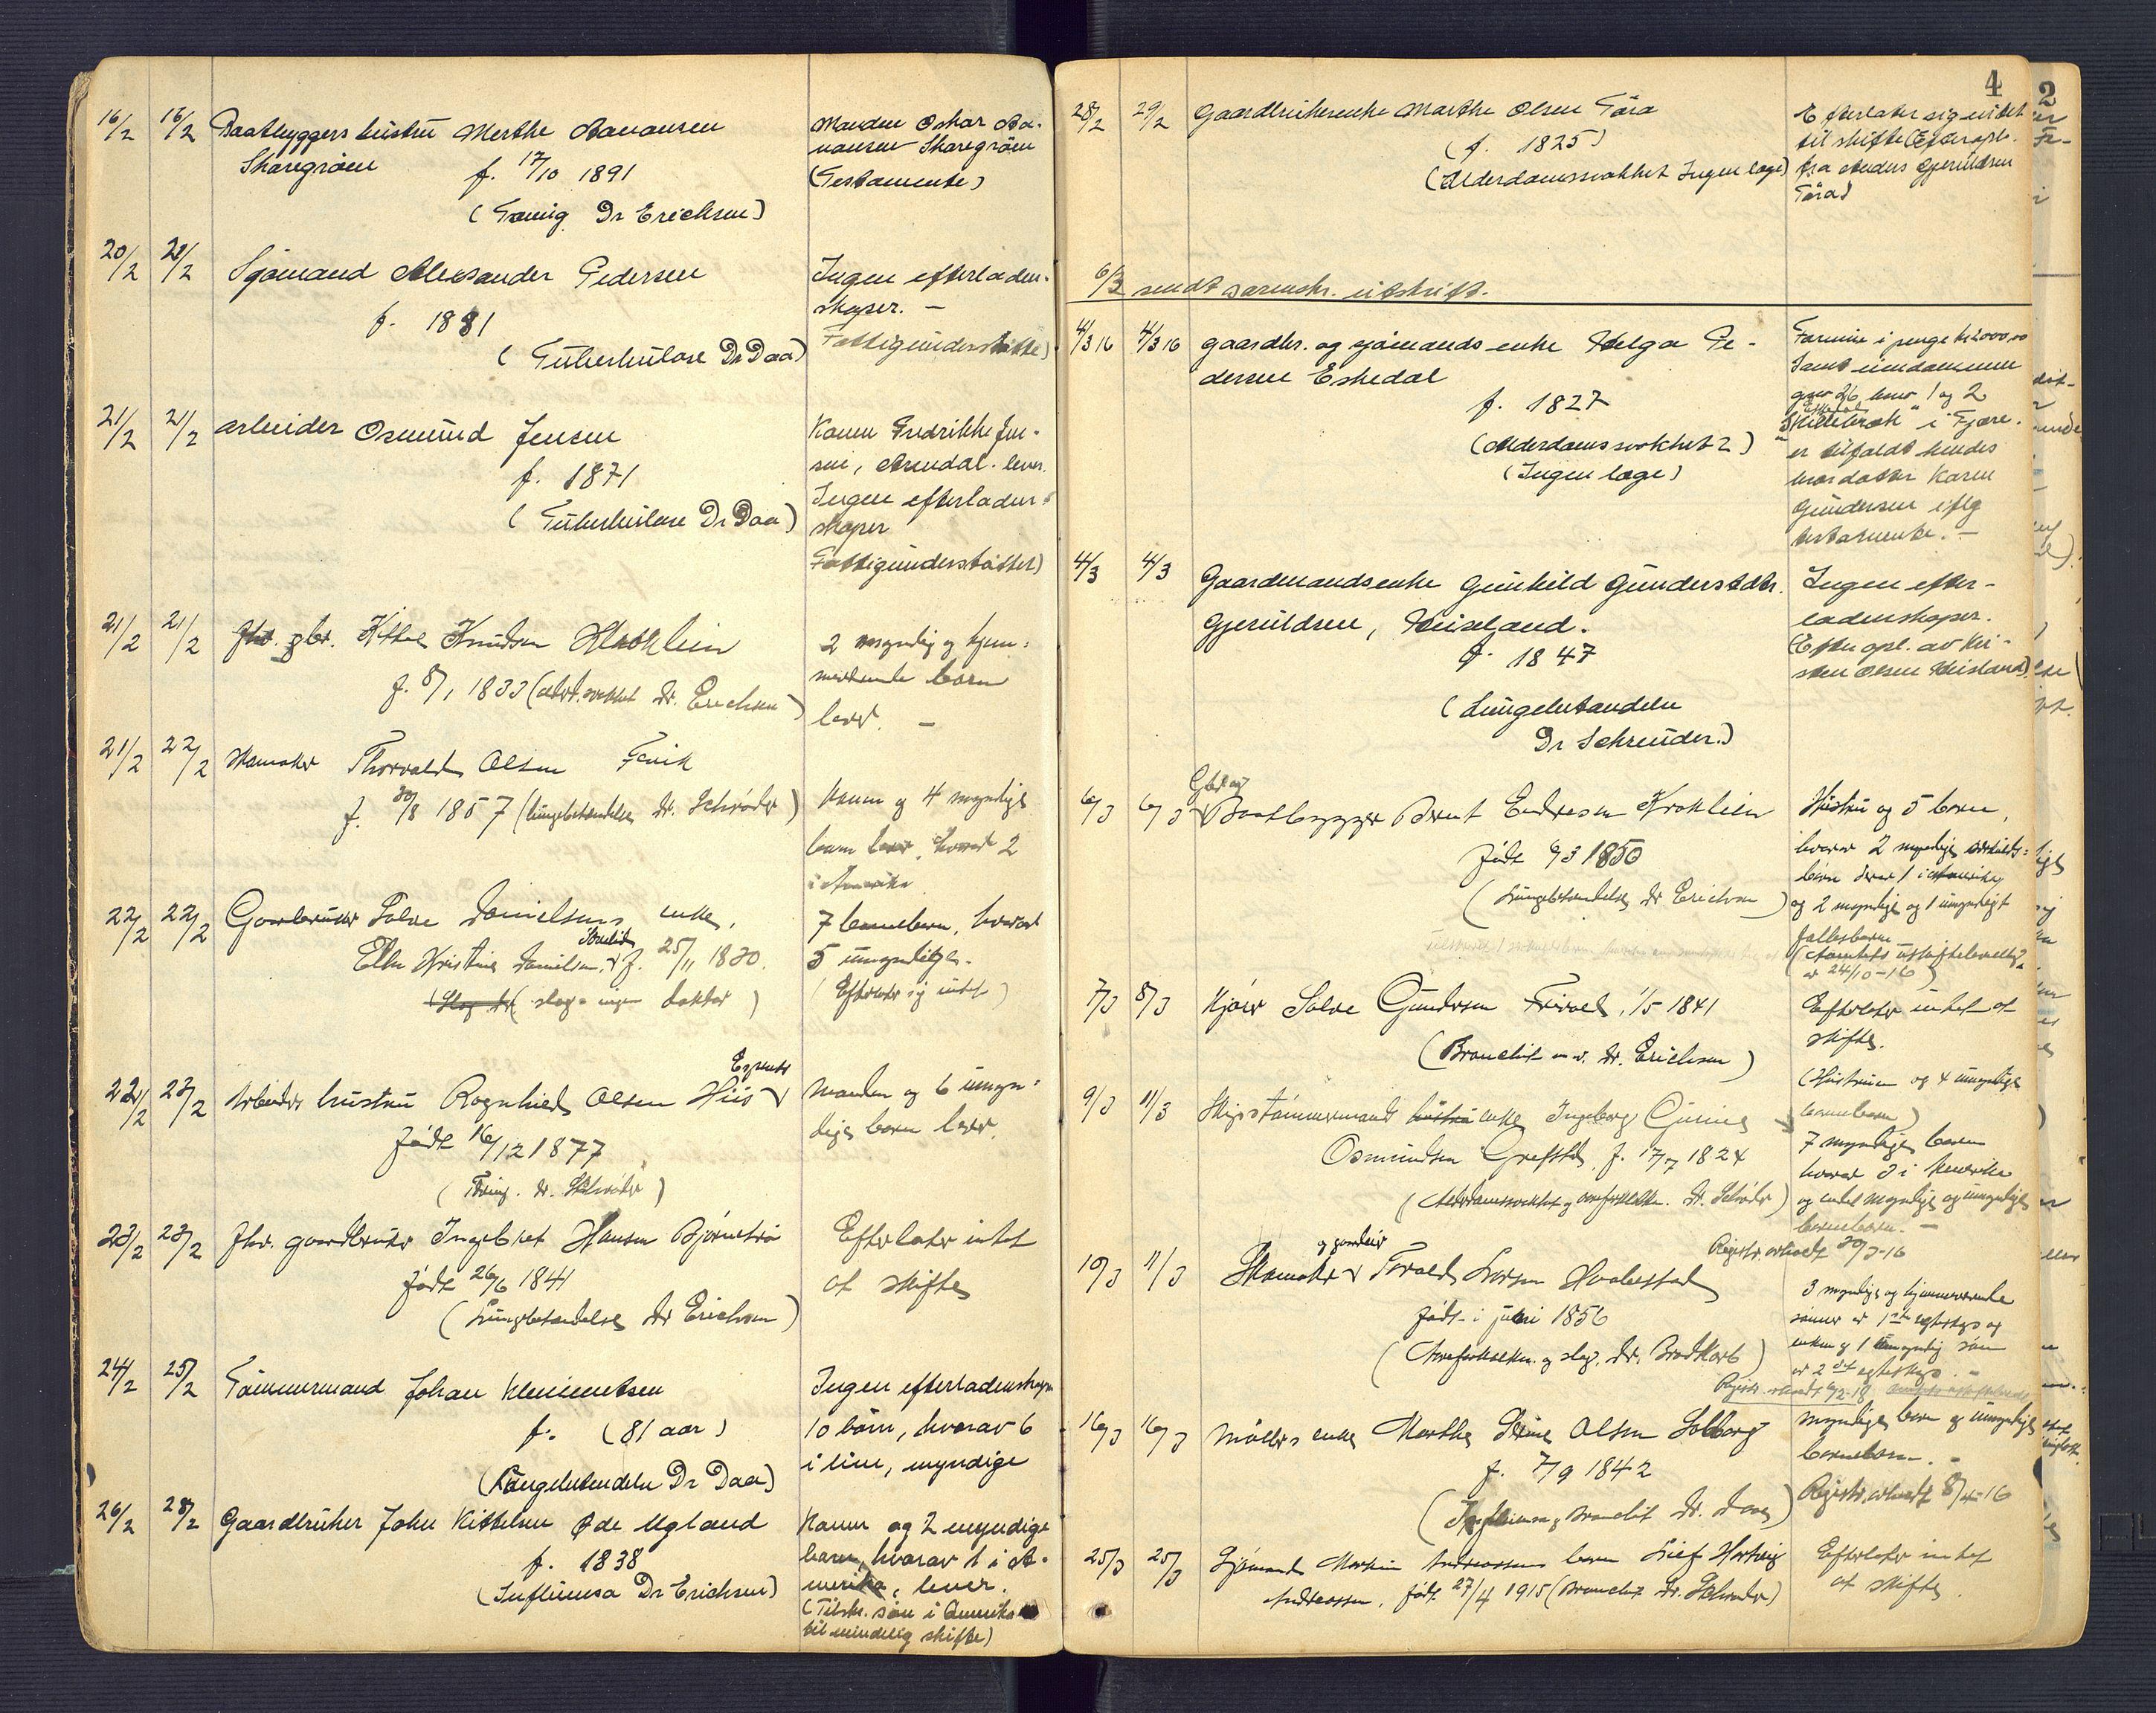 SAK, Landvik og Fjære lensmannskontor, F/Fe/L0002: Anmeldte dødsfall nr 31, 1915-1926